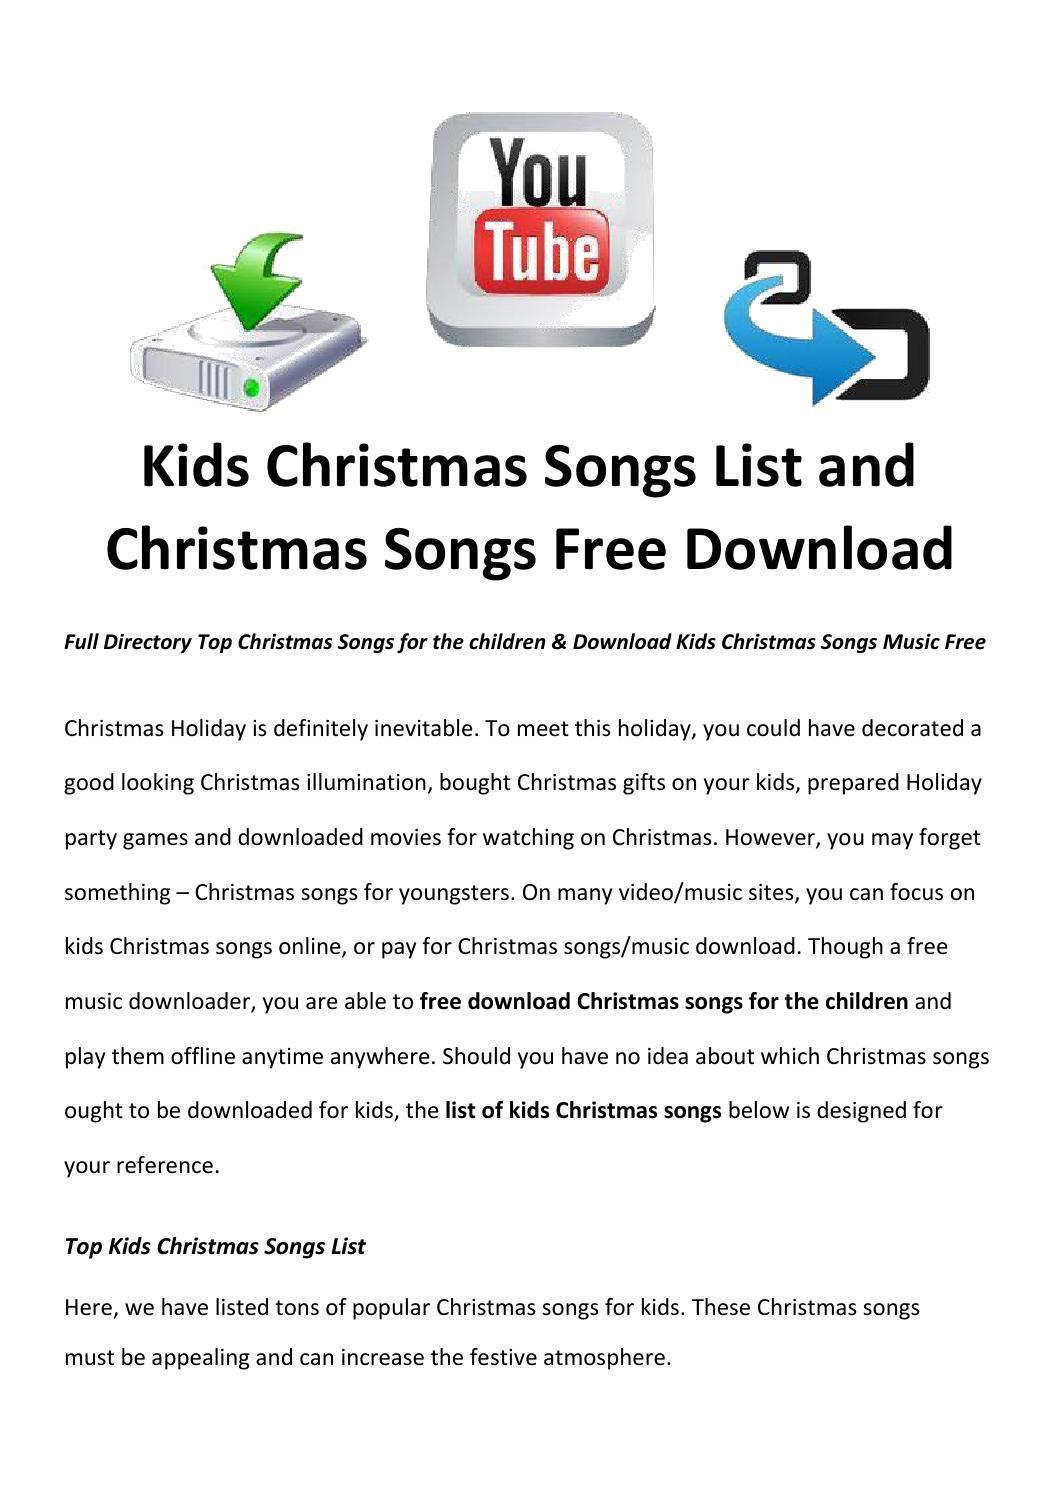 kids christmas songs list by lucymorries - issuu